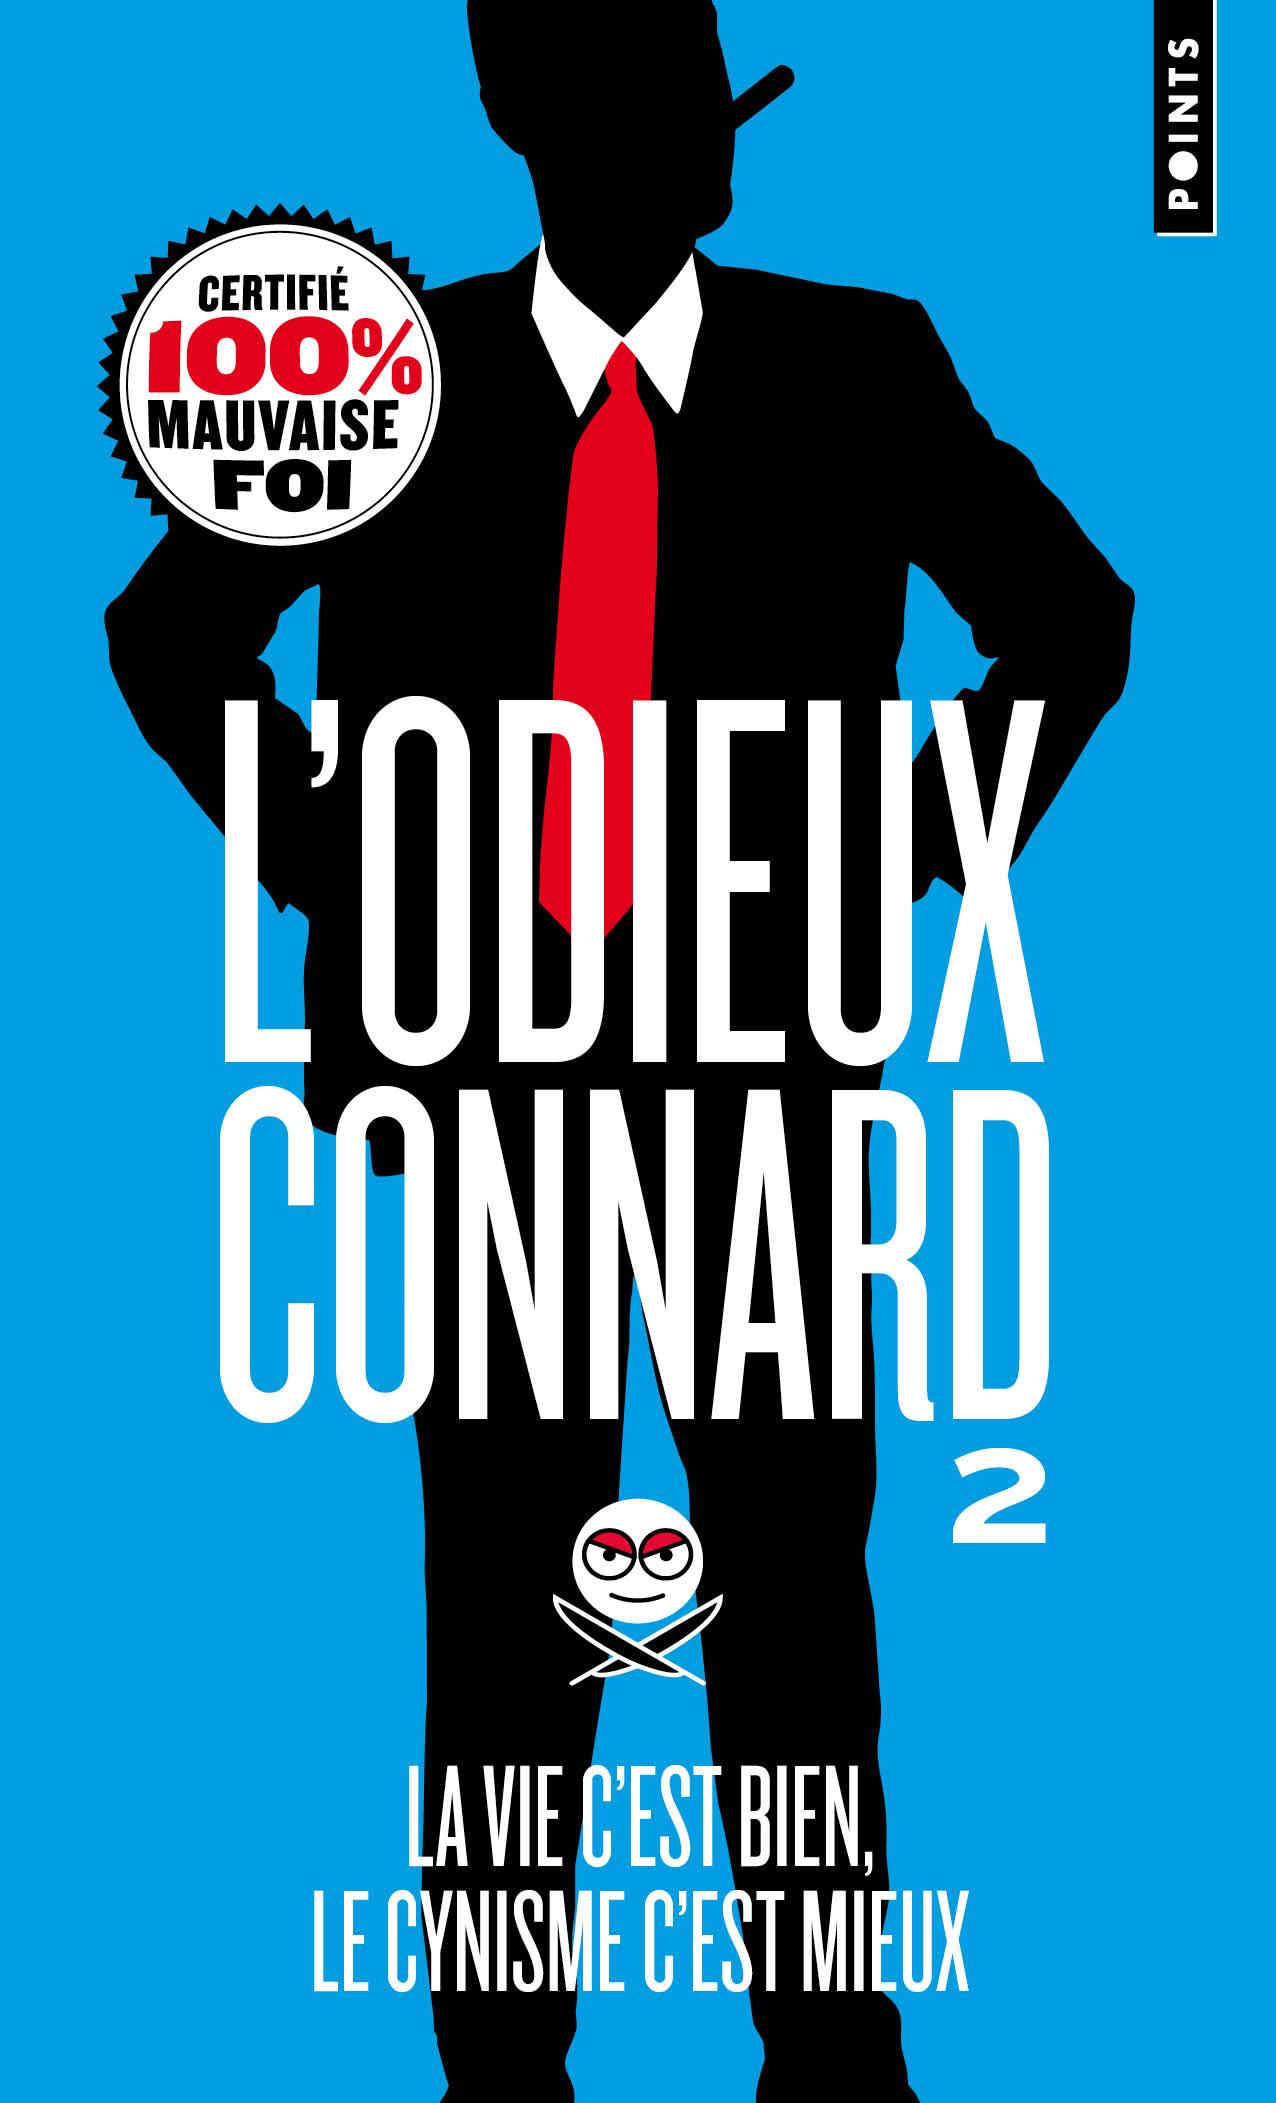 Couverture du 2ème livre de L'Odieux Connard